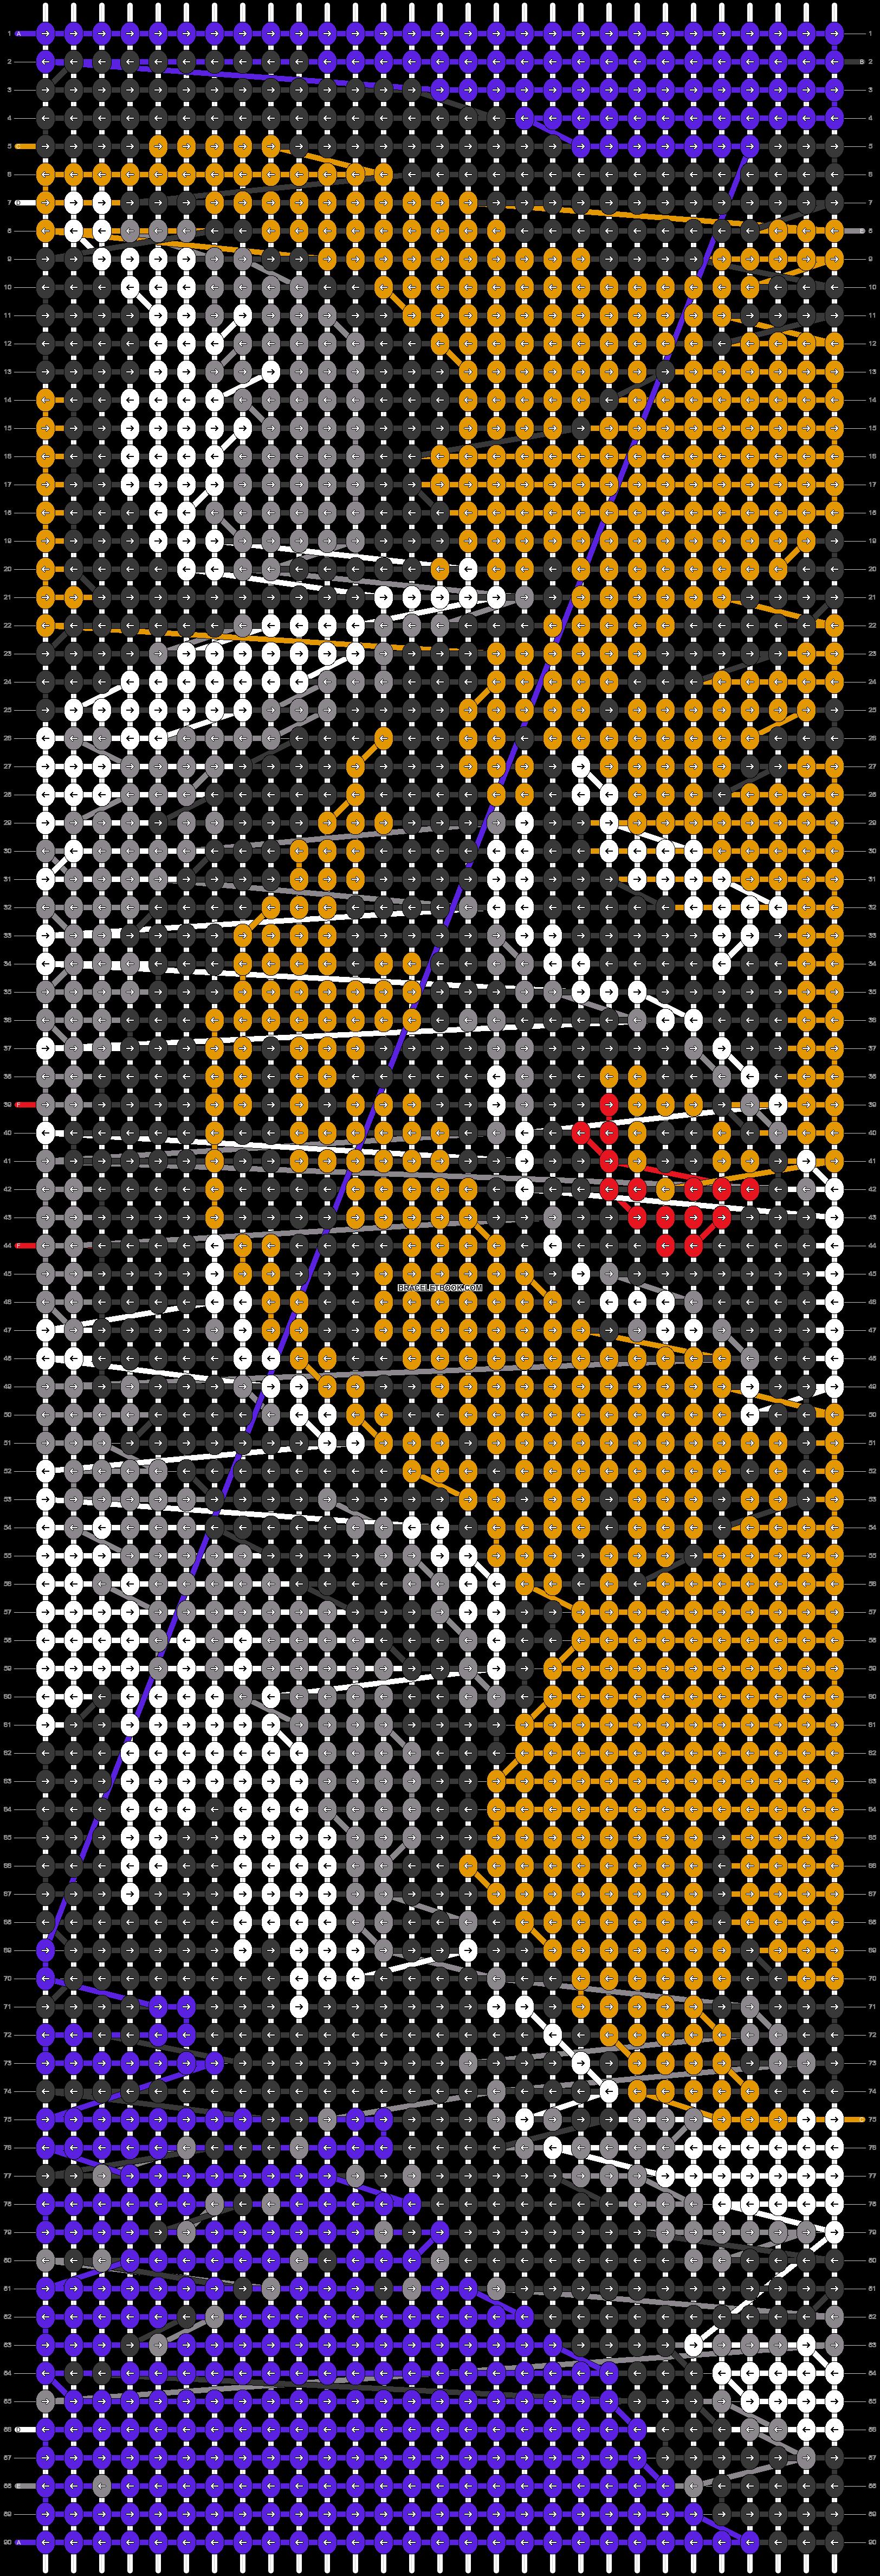 Alpha Pattern #22535 added by miagreen24